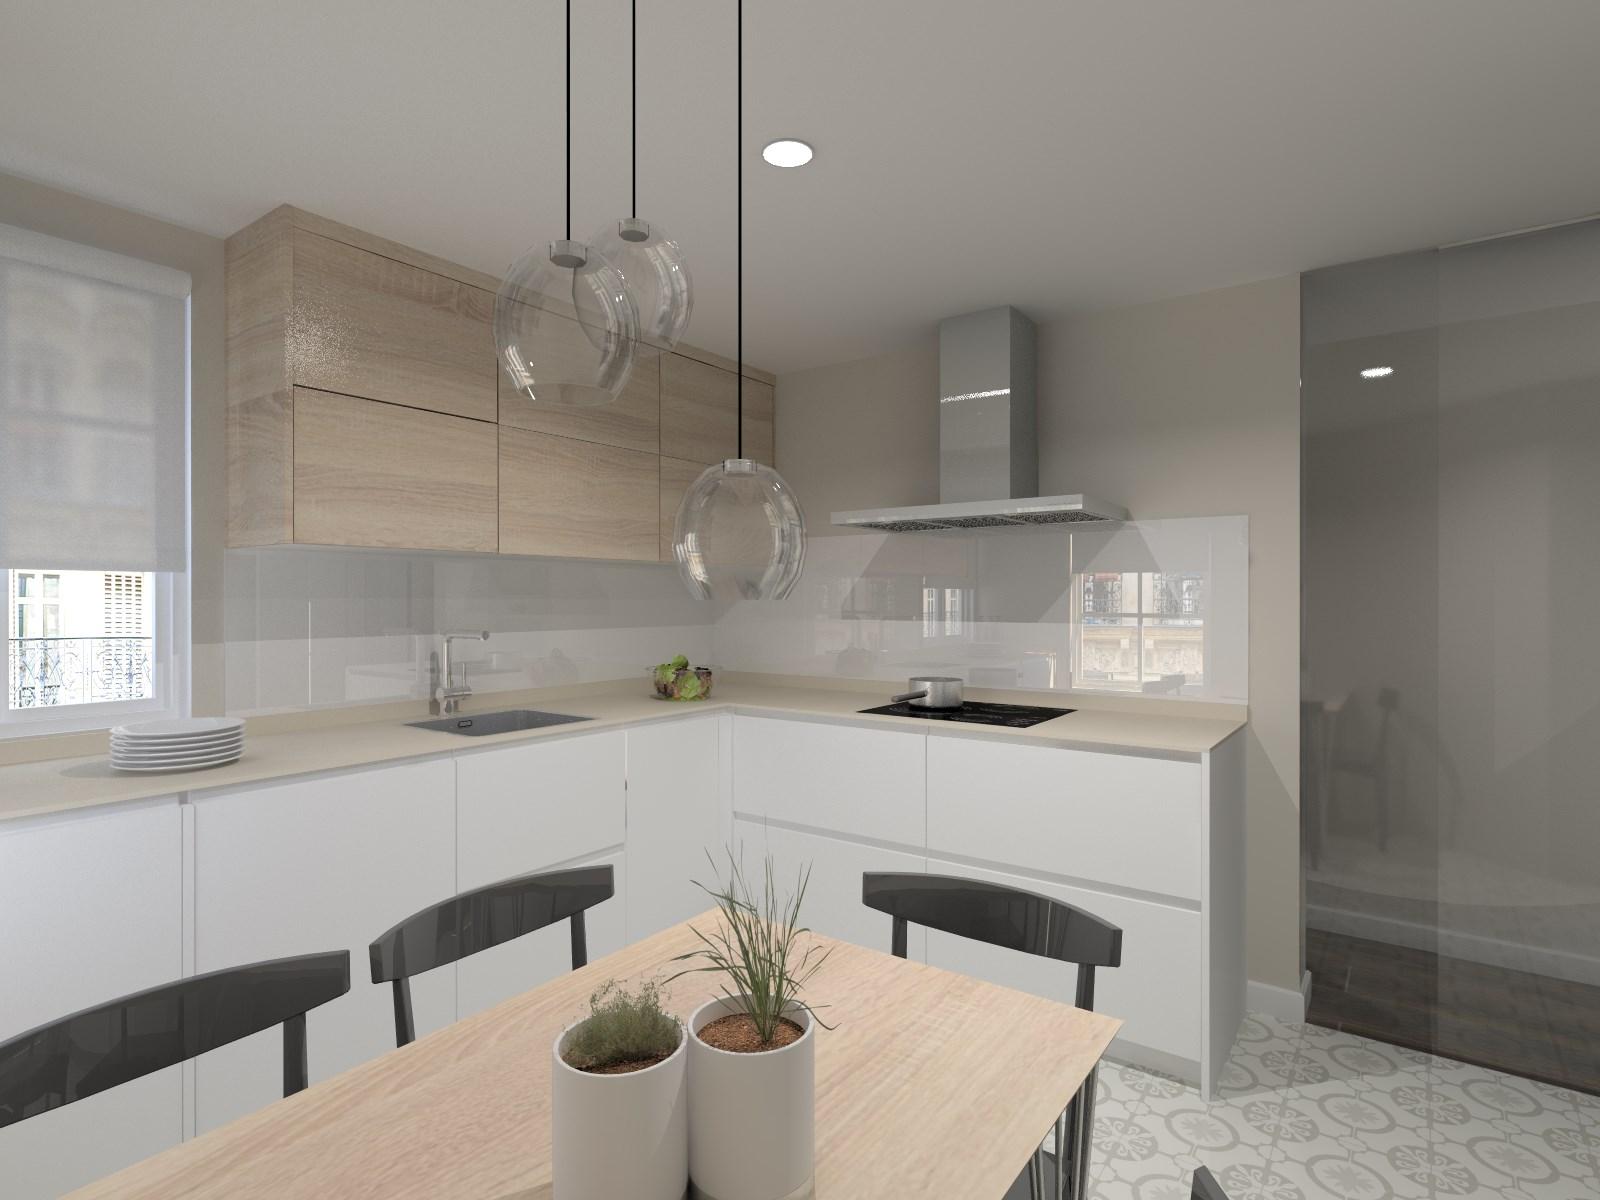 Único Estudio De Diseño De Baño De La Cocina Ideas - Ideas de ...